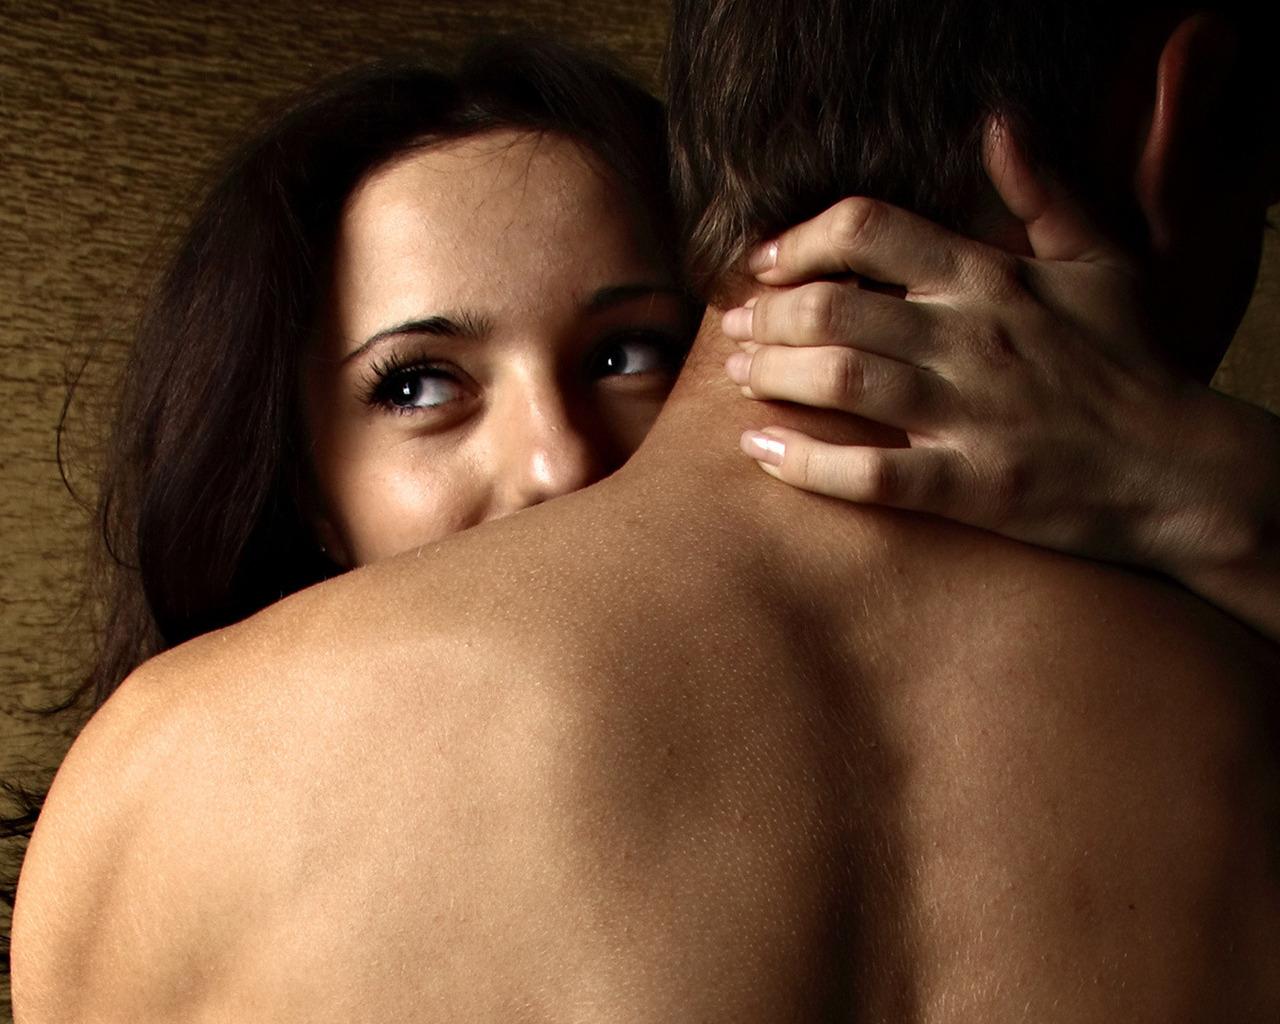 Сексуальные вопросы парню 21 фотография